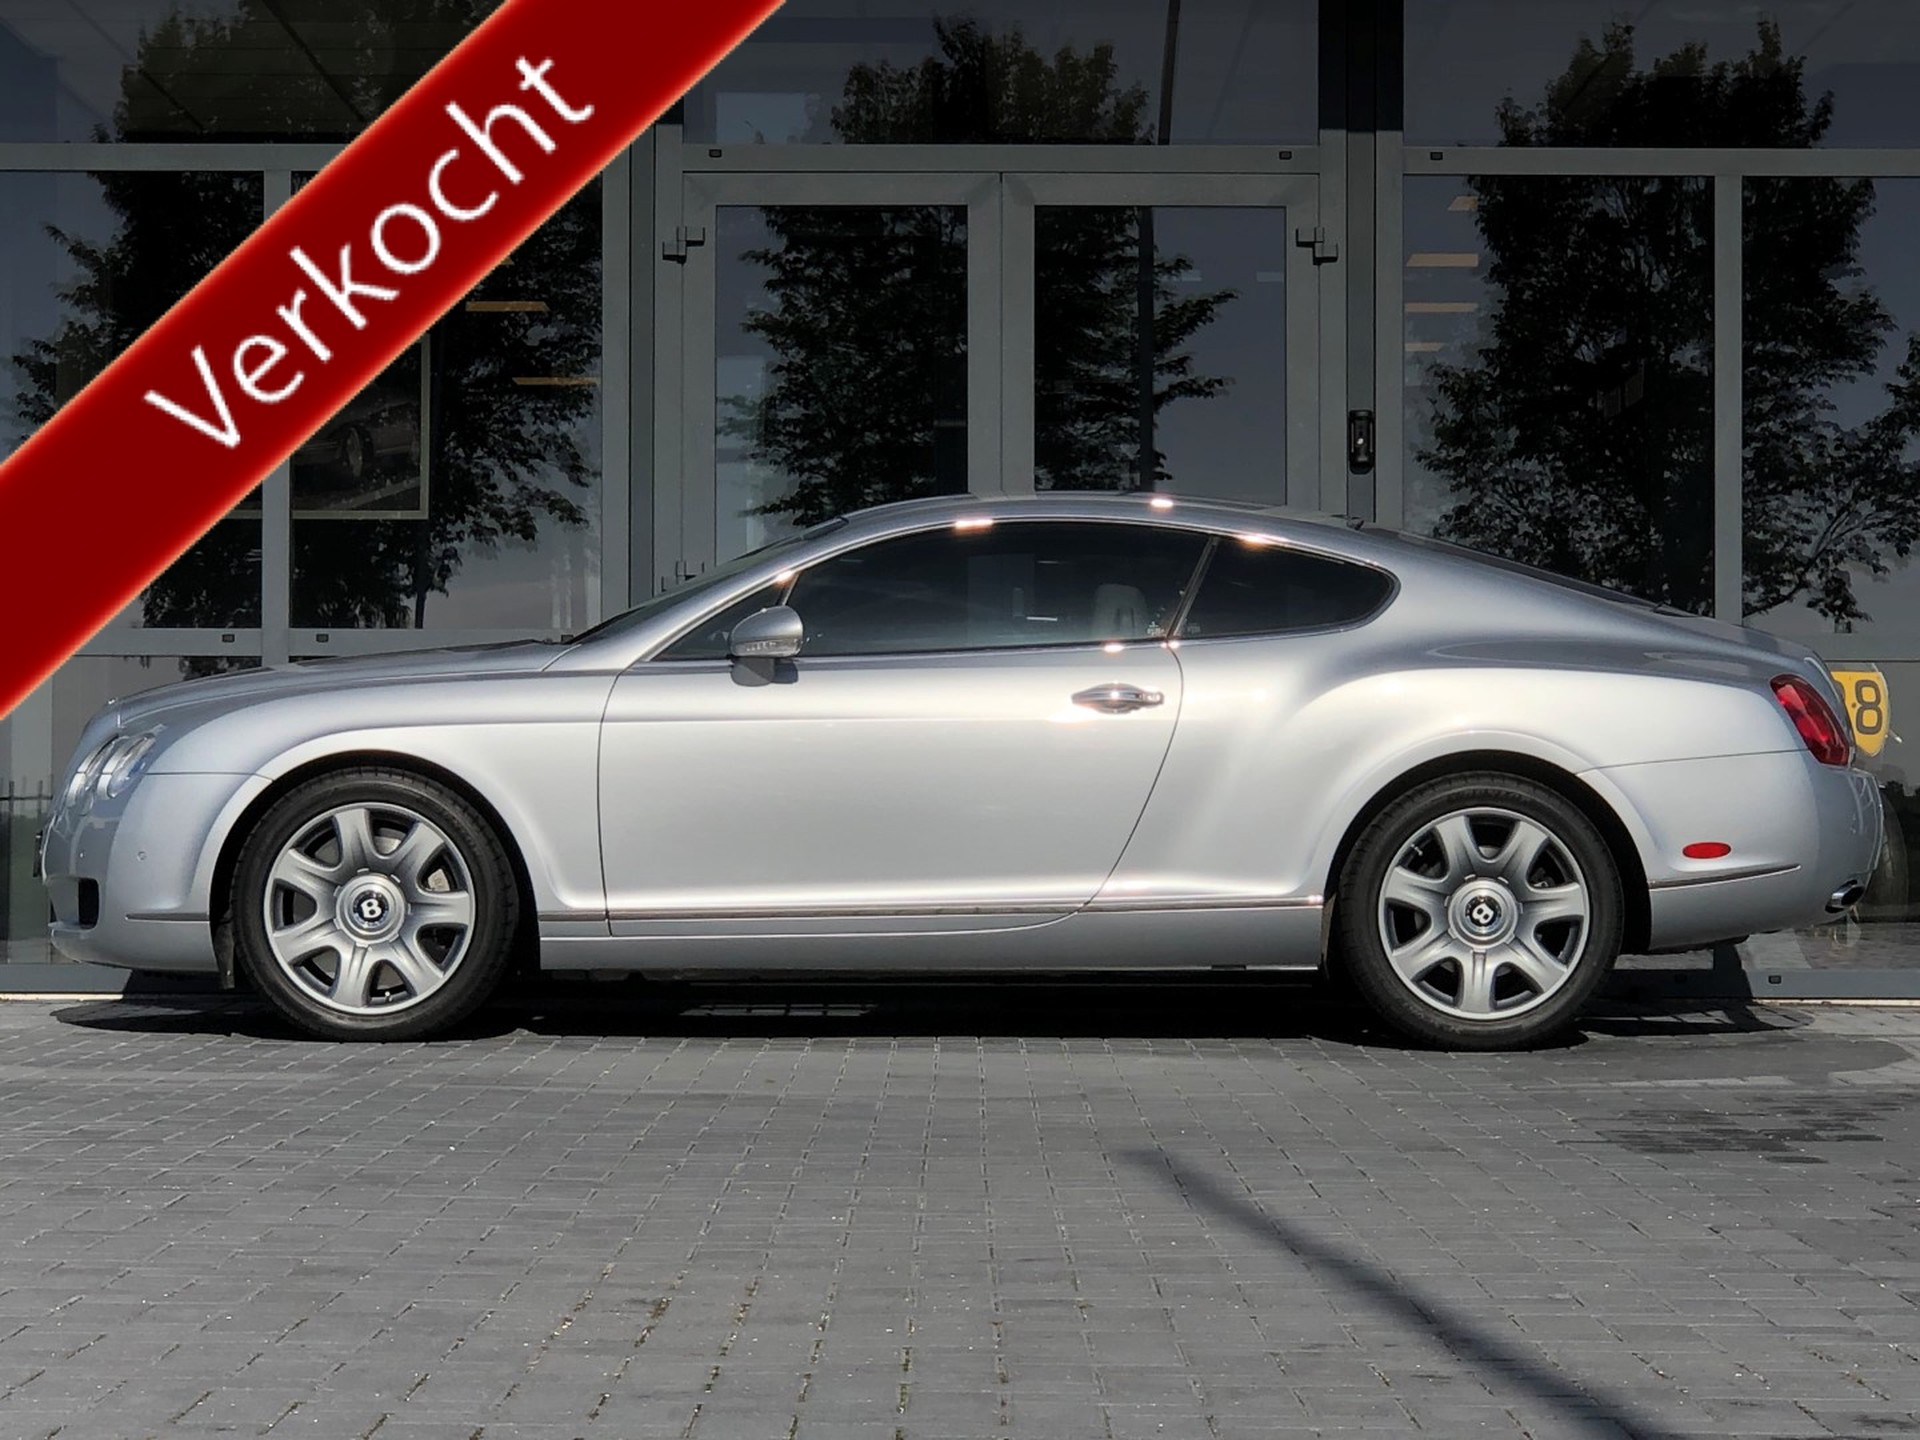 Bentley-Continental GT-6.0 W12 Dealer onderhouden, Navi, ECC, Bleutooth !!!-Auto Jonkman